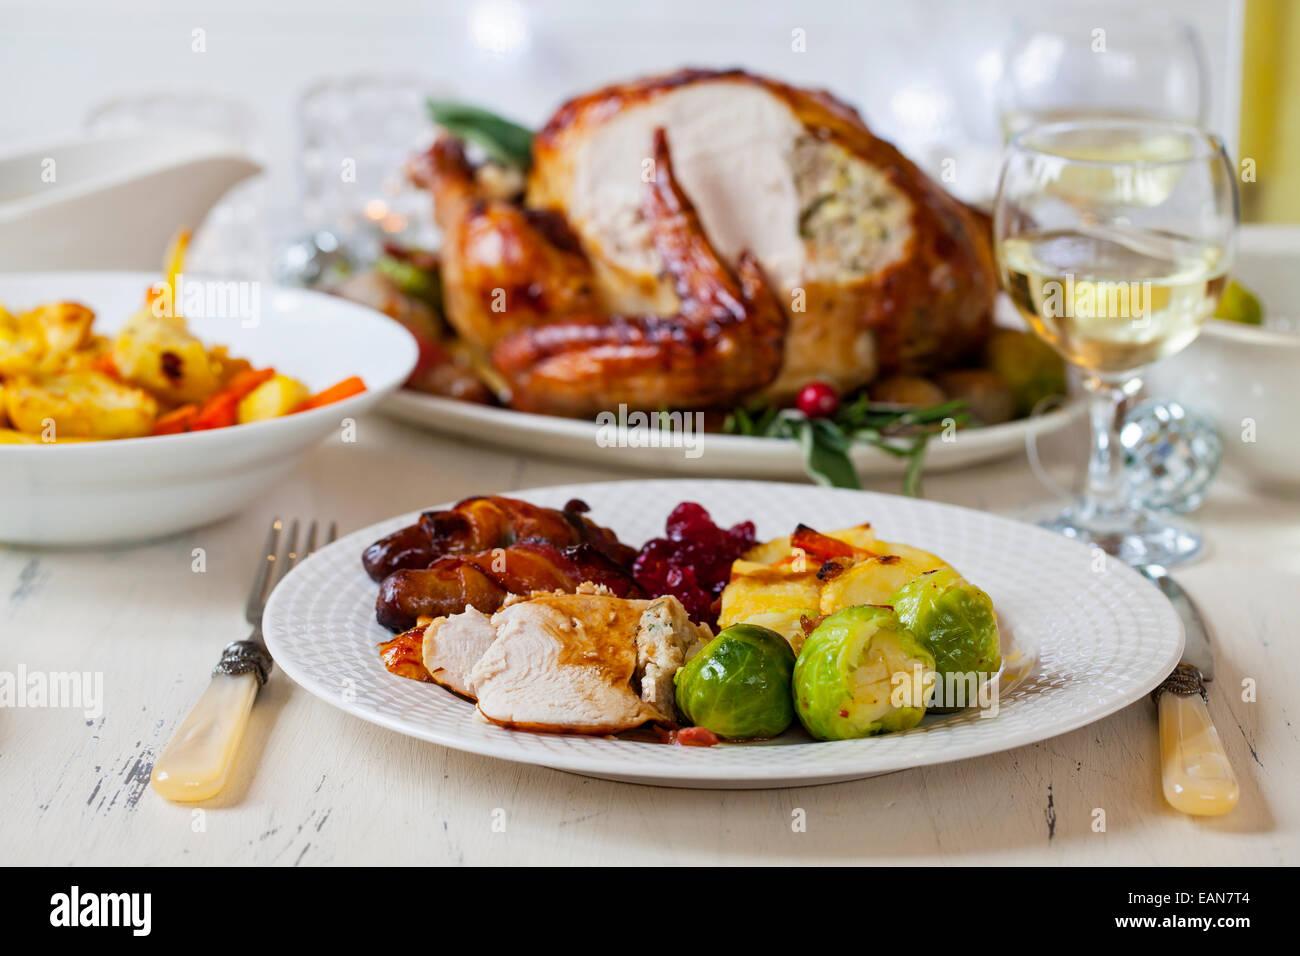 Cena di Natale Immagini Stock